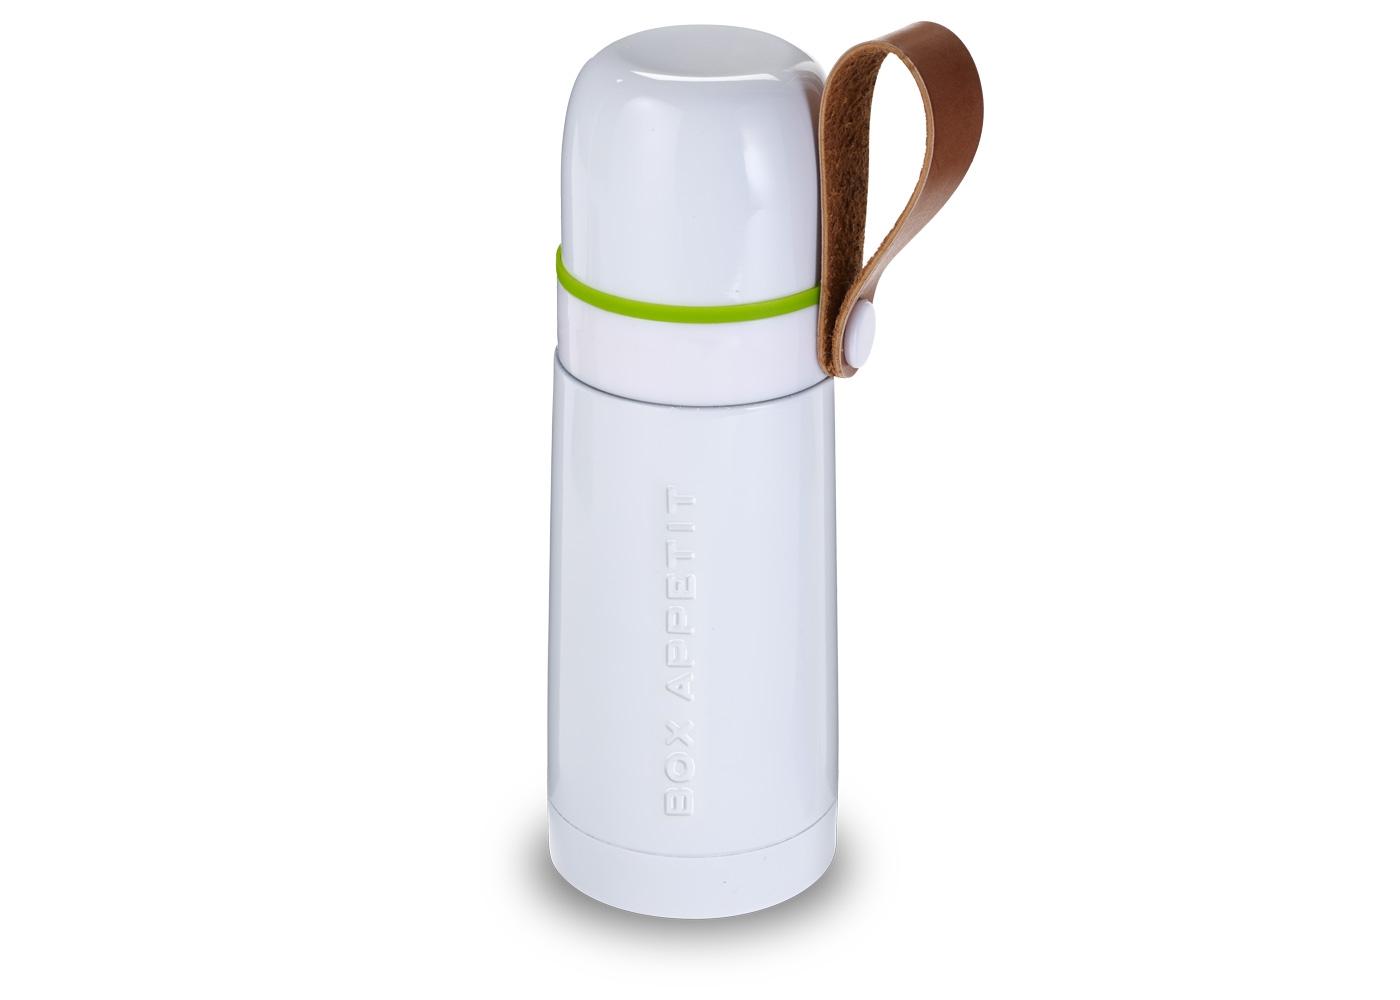 Термос Box appetiteЕмкости для хранения<br>Компактный  функциональный термос, выполненный в винтажном стиле. Сохраняет температуру горячих напитков на протяжении 8 часов и холодных — на протяжении 24 часов. <br>Оснащен ручкой из эко-кожи и удобной кнопкой на горлышке для переливания.&amp;amp;nbsp;&amp;lt;div&amp;gt;&amp;lt;br&amp;gt;&amp;lt;/div&amp;gt;&amp;lt;div&amp;gt;&amp;amp;nbsp;Объем 350 мл.&amp;lt;/div&amp;gt;<br><br>Material: Сталь<br>Height см: 20<br>Diameter см: 7